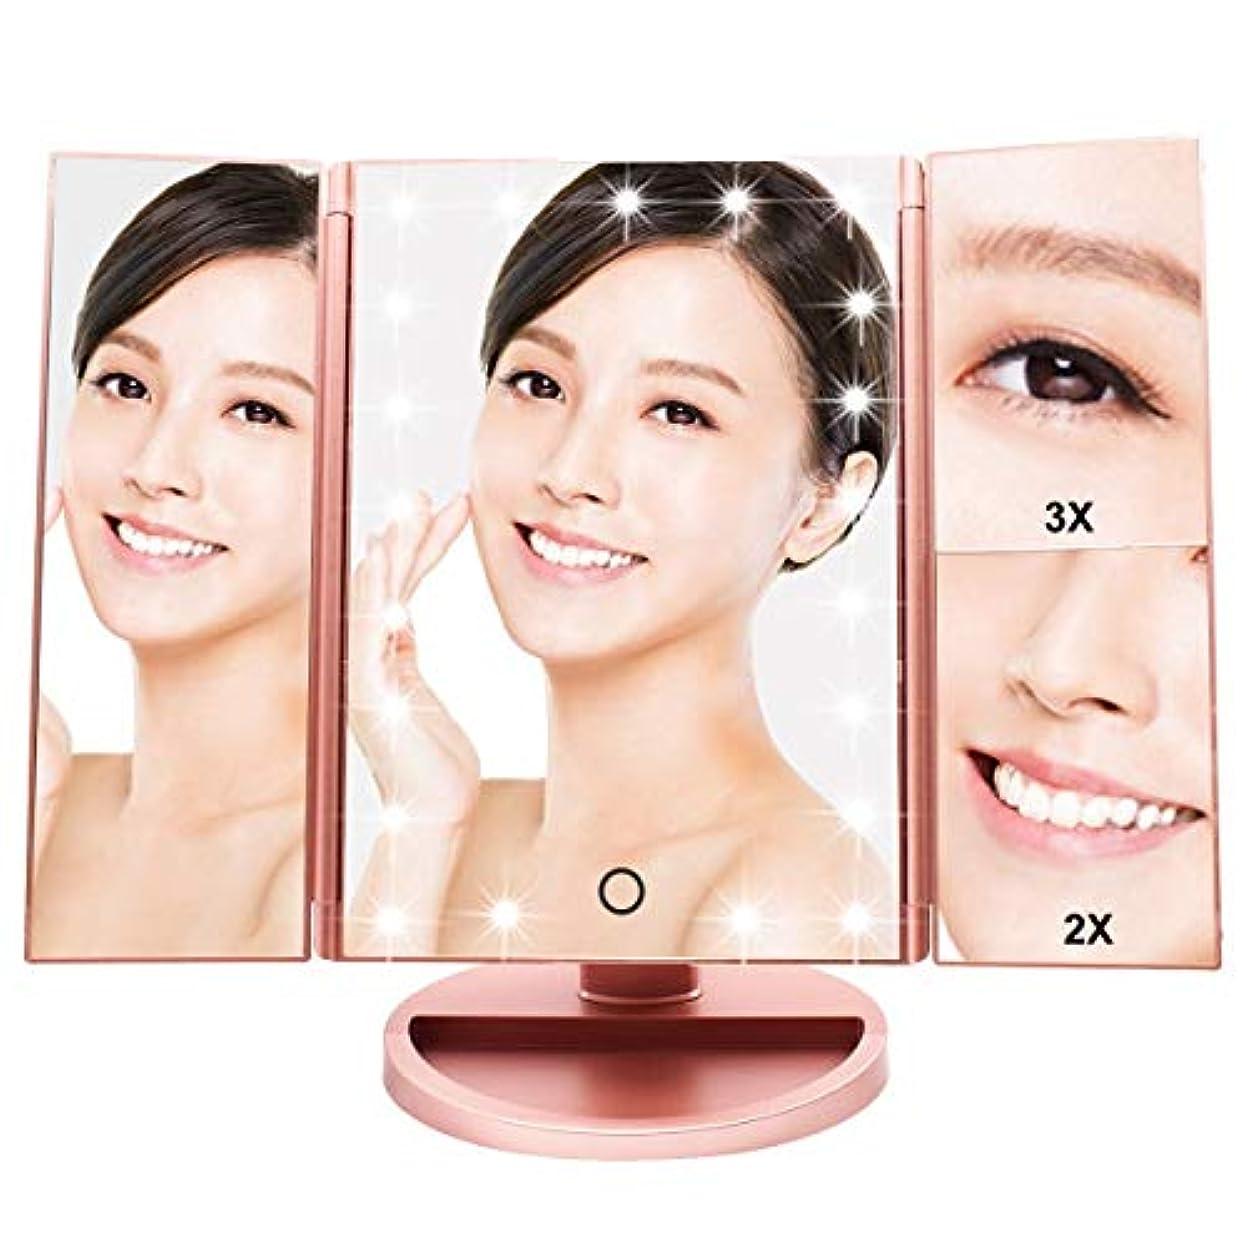 適度な三角絵WEILY LED化粧鏡 卓上鏡 三面鏡 折りたたみ式 2倍&3倍拡大 女優ミラー 180度回転 ライト鏡 明るさ•角度自由調整 収納便利 USB/電池交換可能 (ローズゴールド)